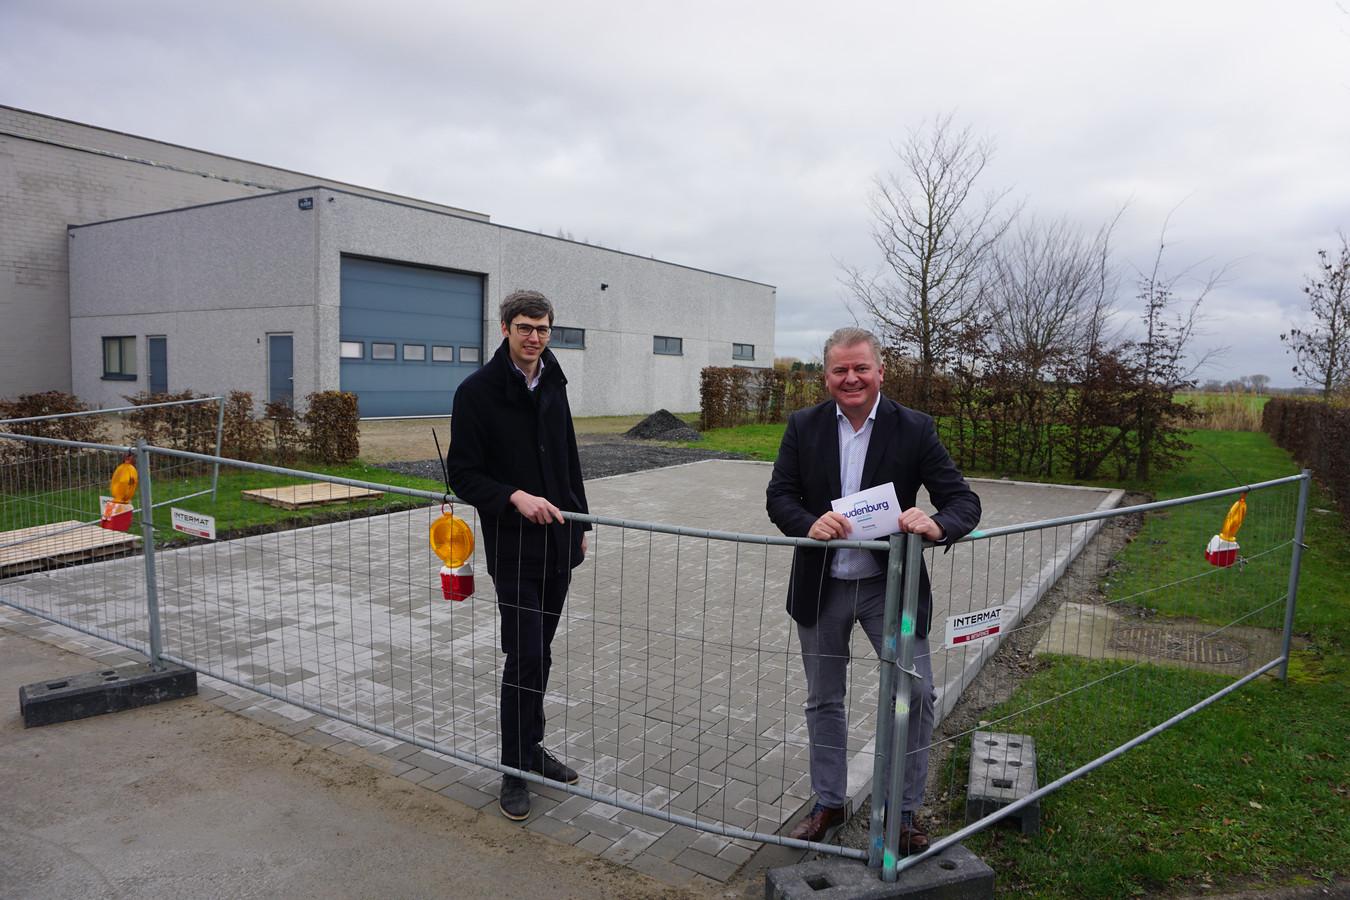 Schepen Stijn Jonckheere en burgemeester Anthony Dumarey in de Verhelststraat, waar het industrieterrein Steengoed in Oudenburg kan uitgebreid worden.